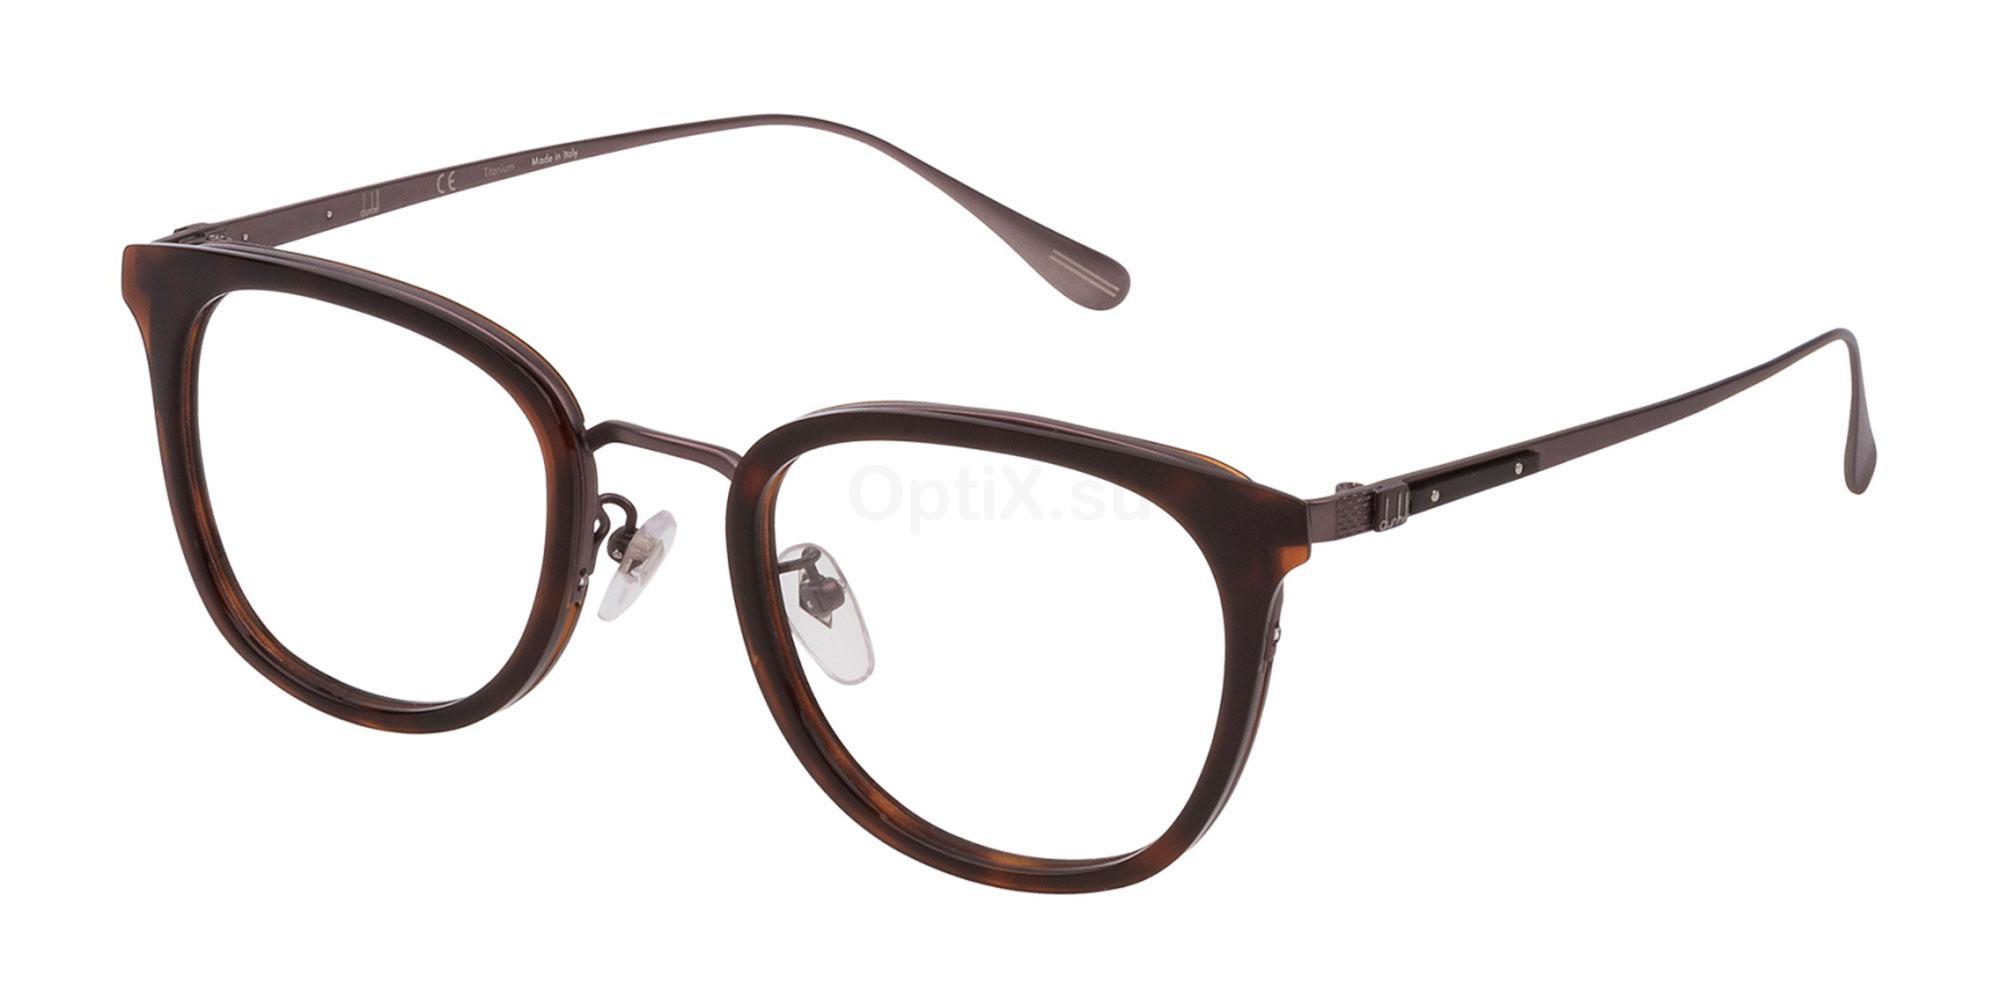 01AY VDH150G Glasses, Dunhill London